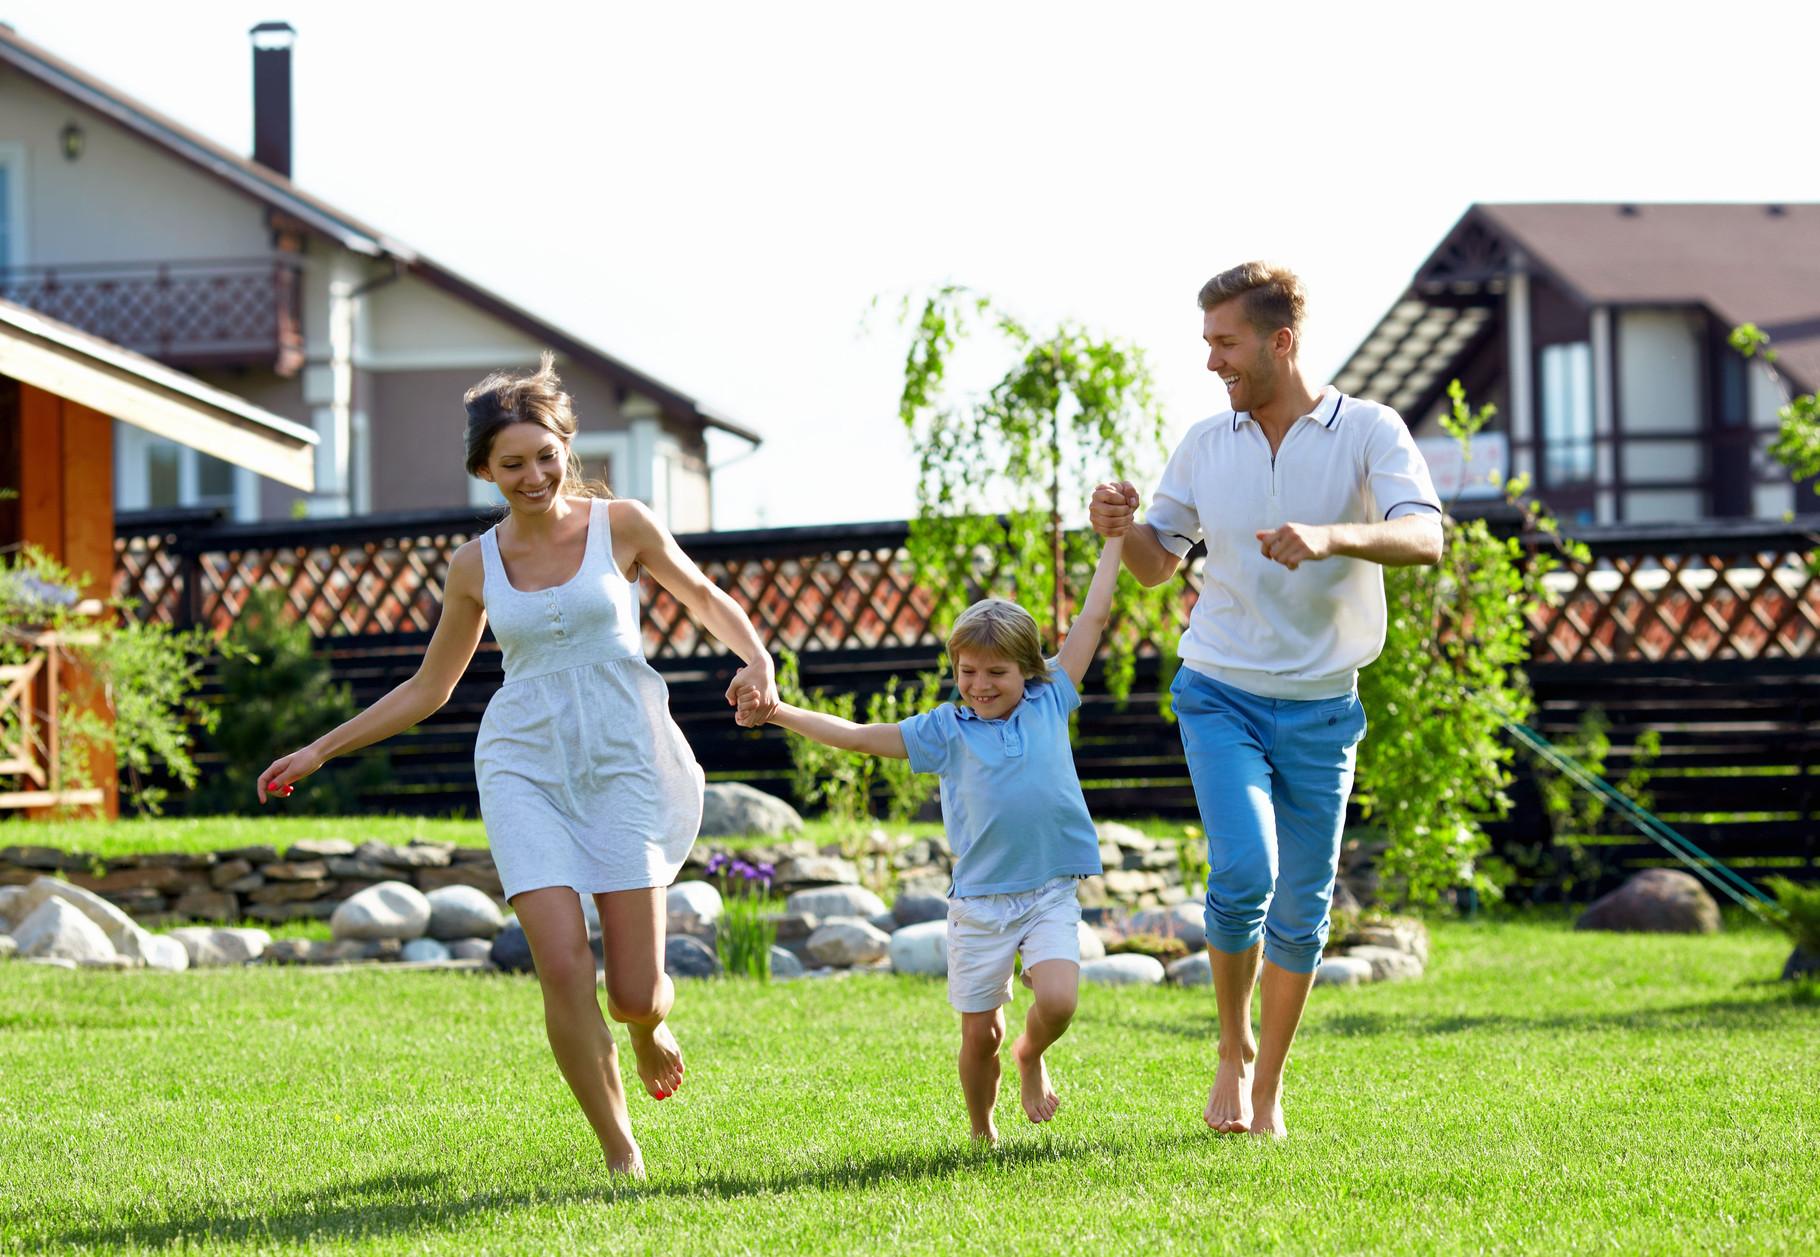 Spiel- und Sportrasen für junge Familien